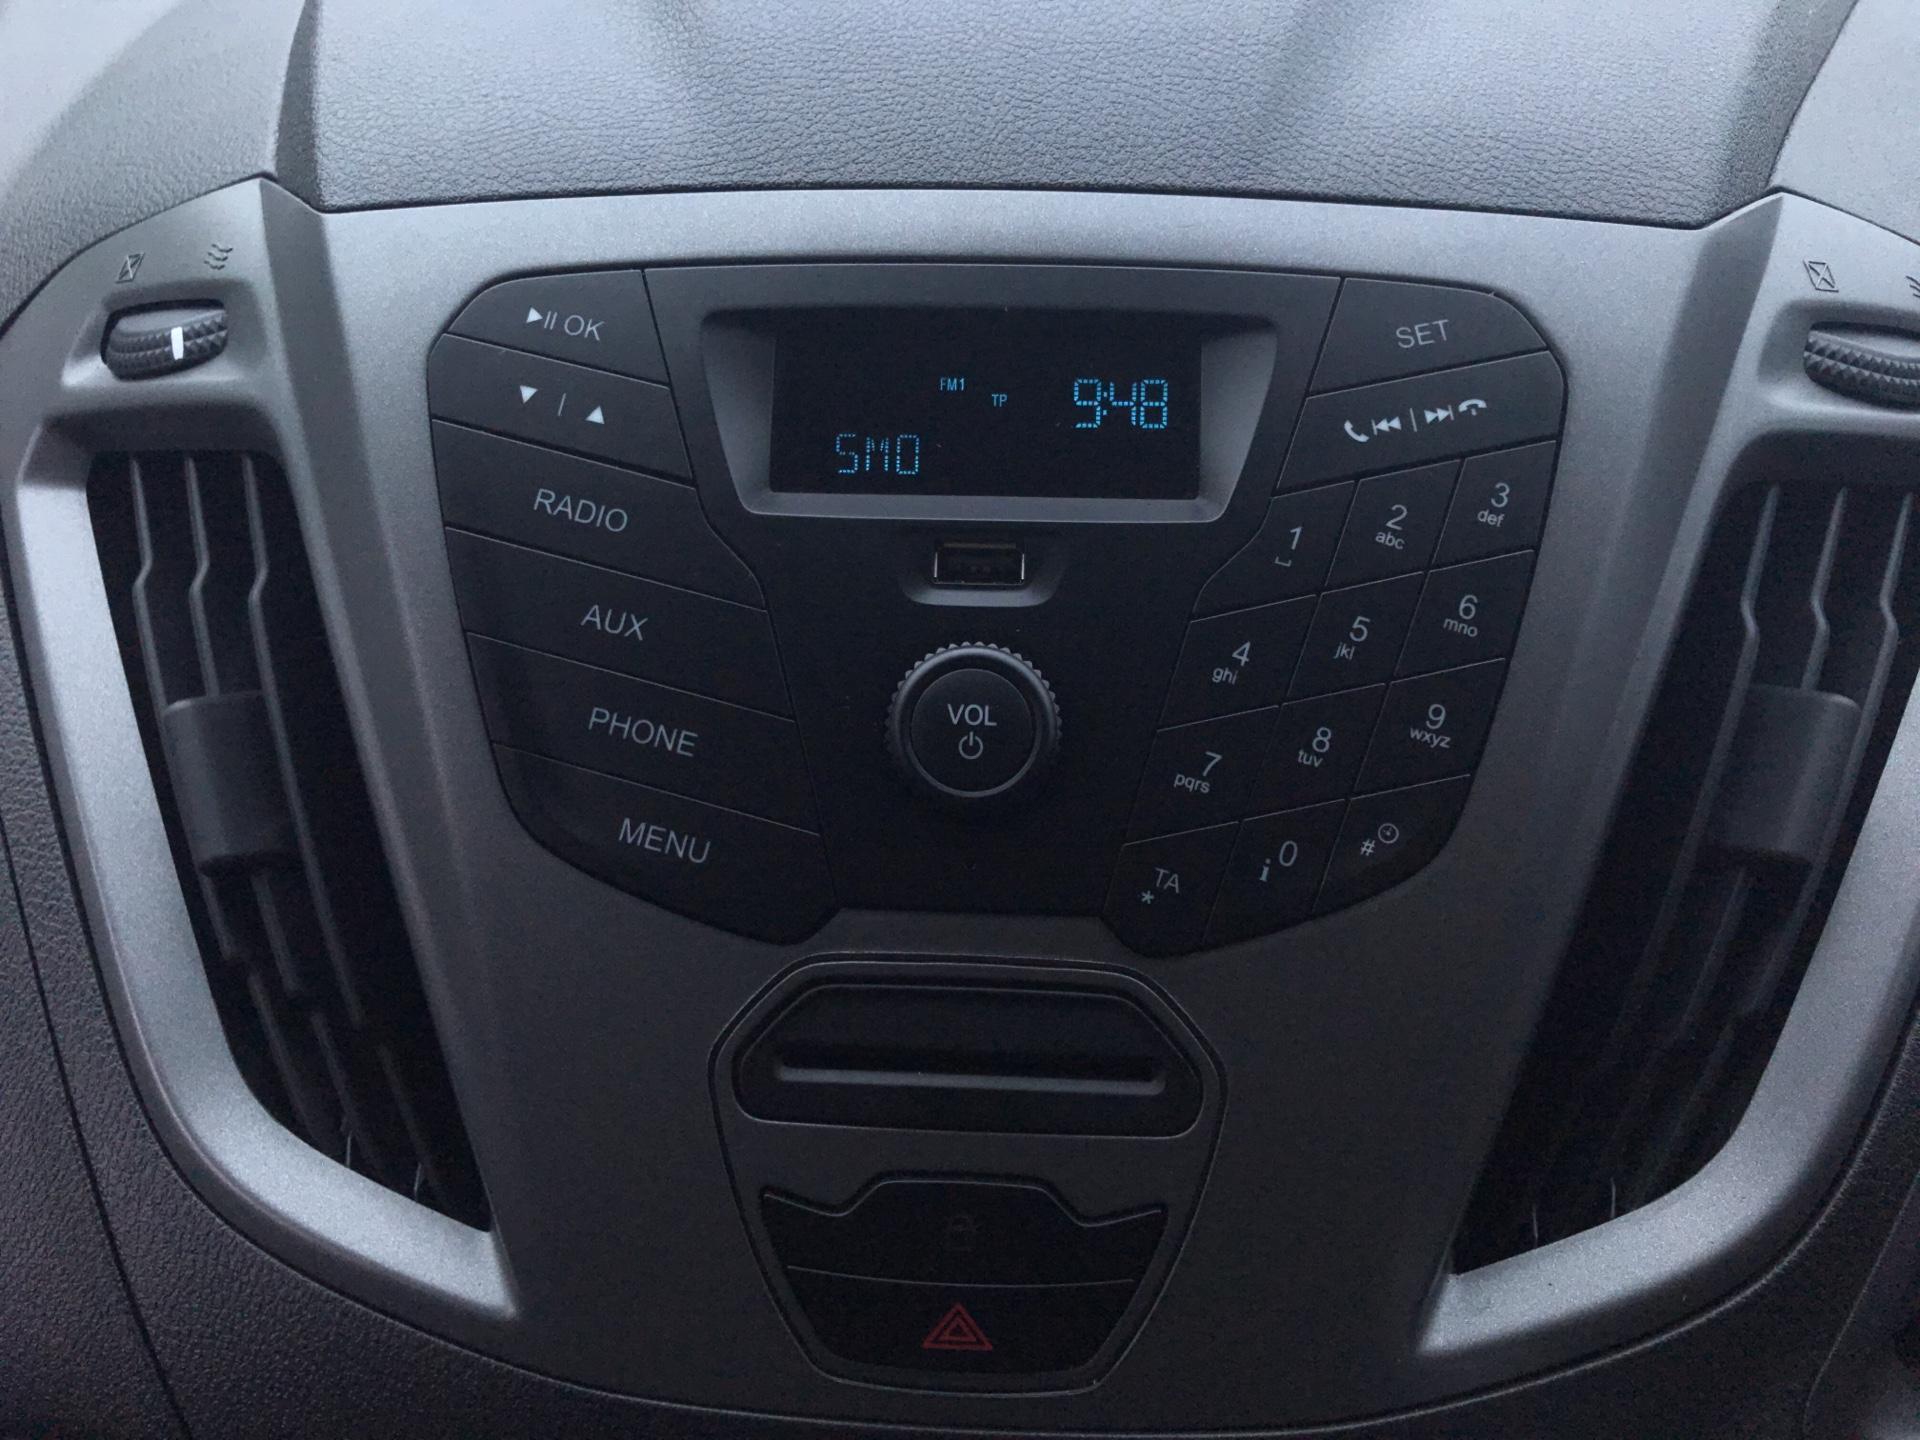 2017 Ford Transit Custom 270 L1 DIESEL FWD 2.2 TDCI 105PS LOW ROOF VAN EURO 5 (SK17ZYG) Image 10